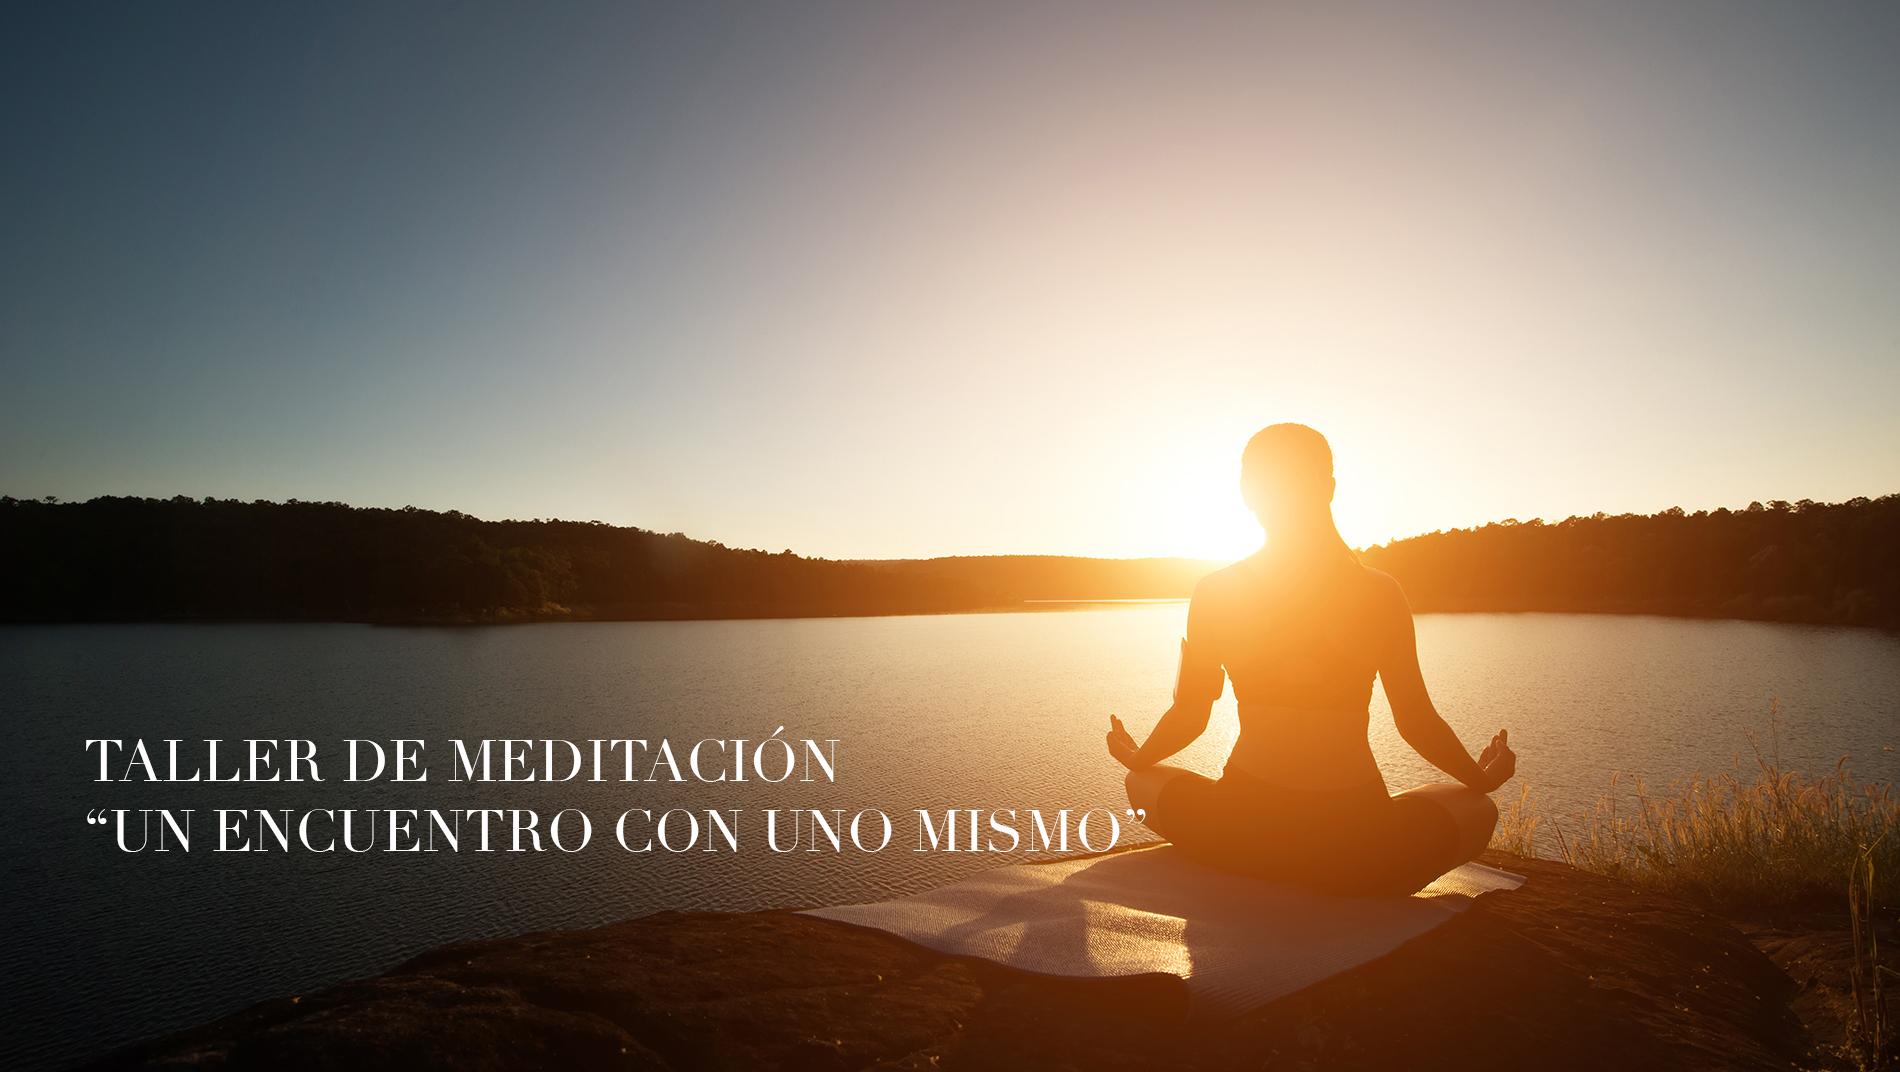 """Taller de Meditación """"Un encuentro con uno mismo"""""""